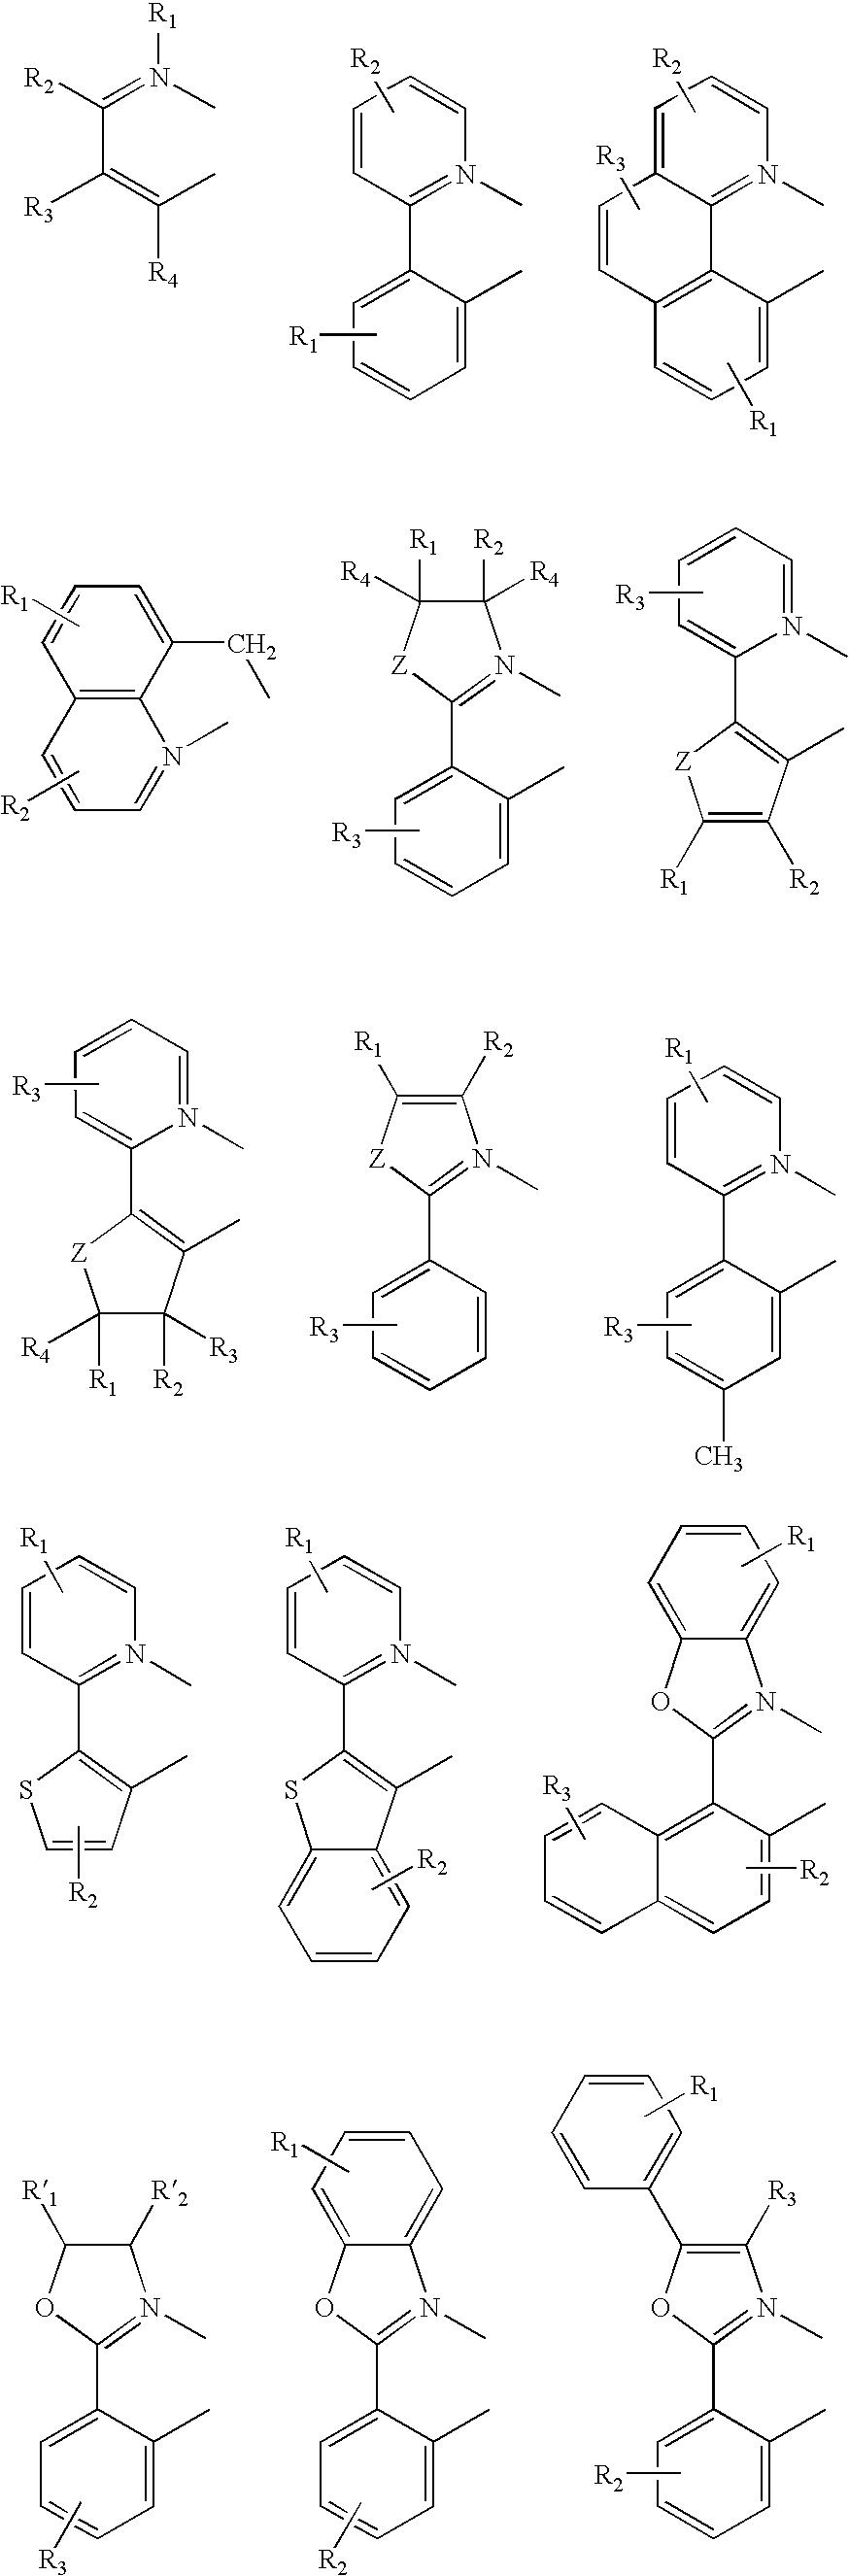 Figure US20050112406A1-20050526-C00054